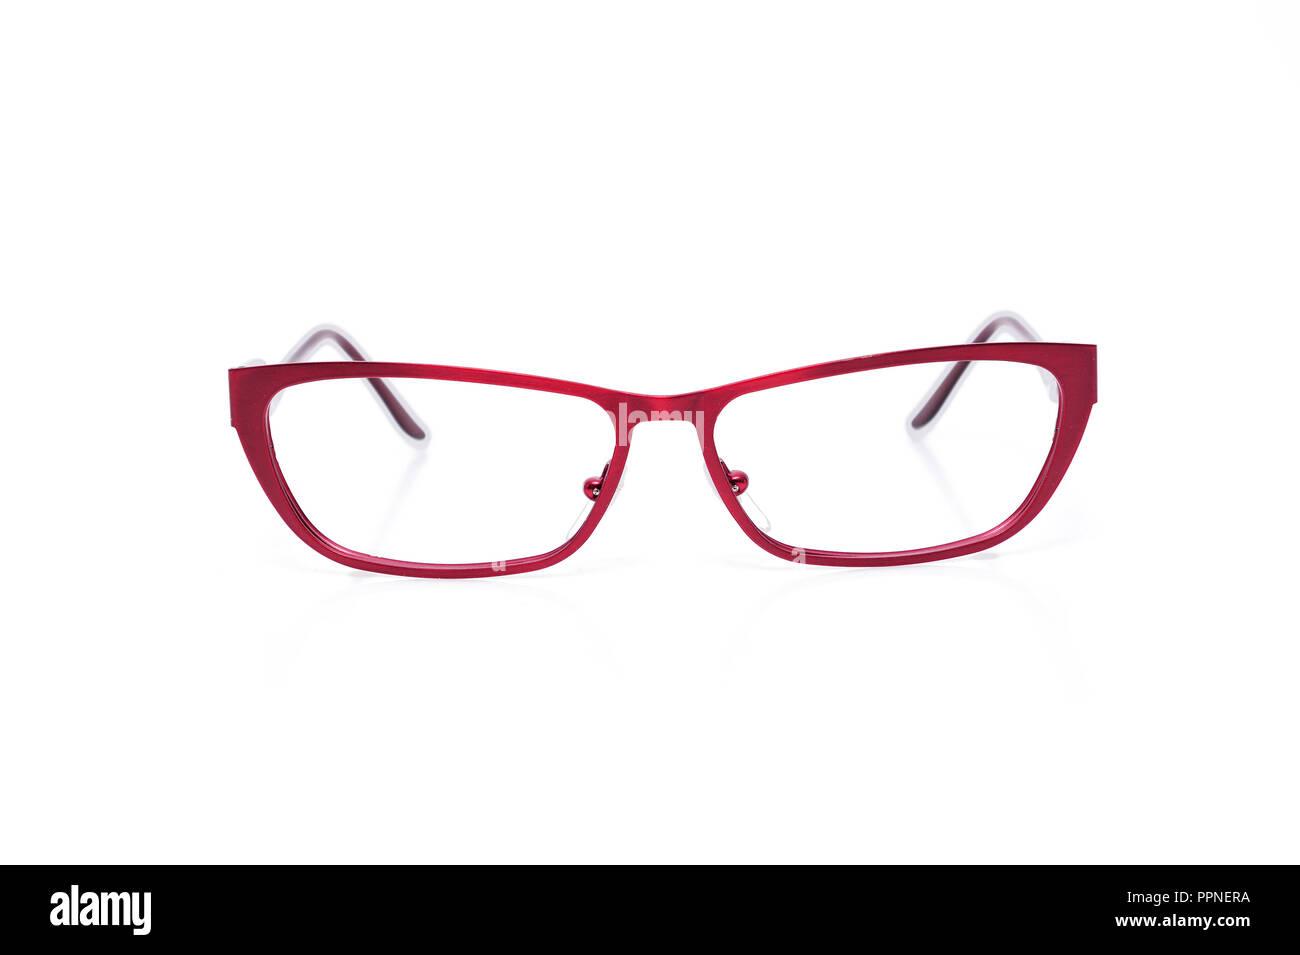 Occhiali, vista, miglioramento, diottra, delicato, corpo, difettoso, occhi, aiuto, medicina, medicina, correzione, studio, telai Immagini Stock